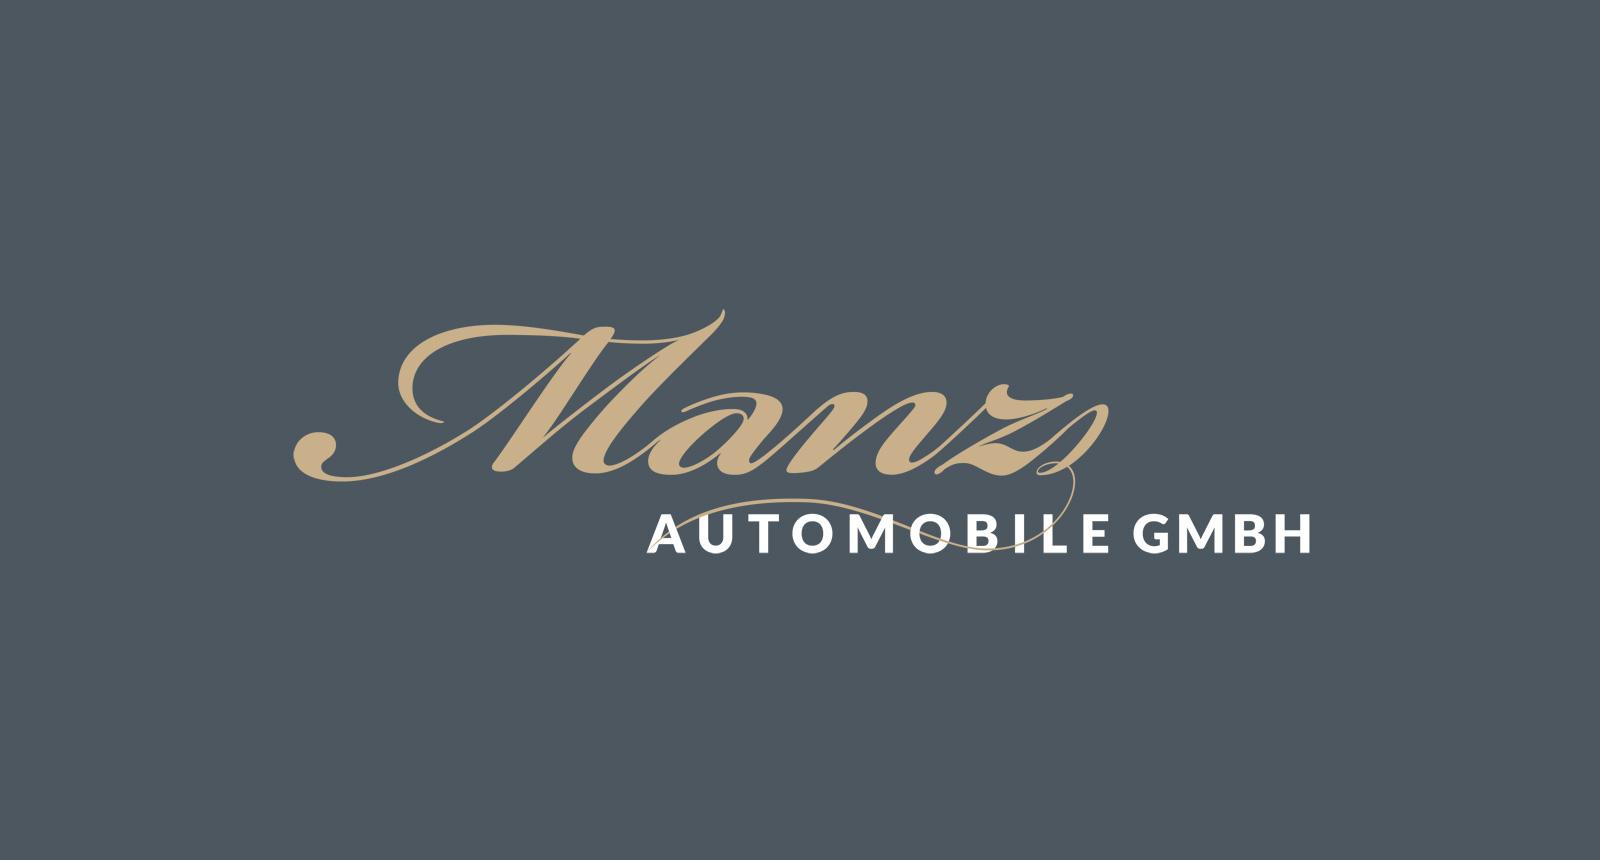 Manz_Automobile_Logo_002